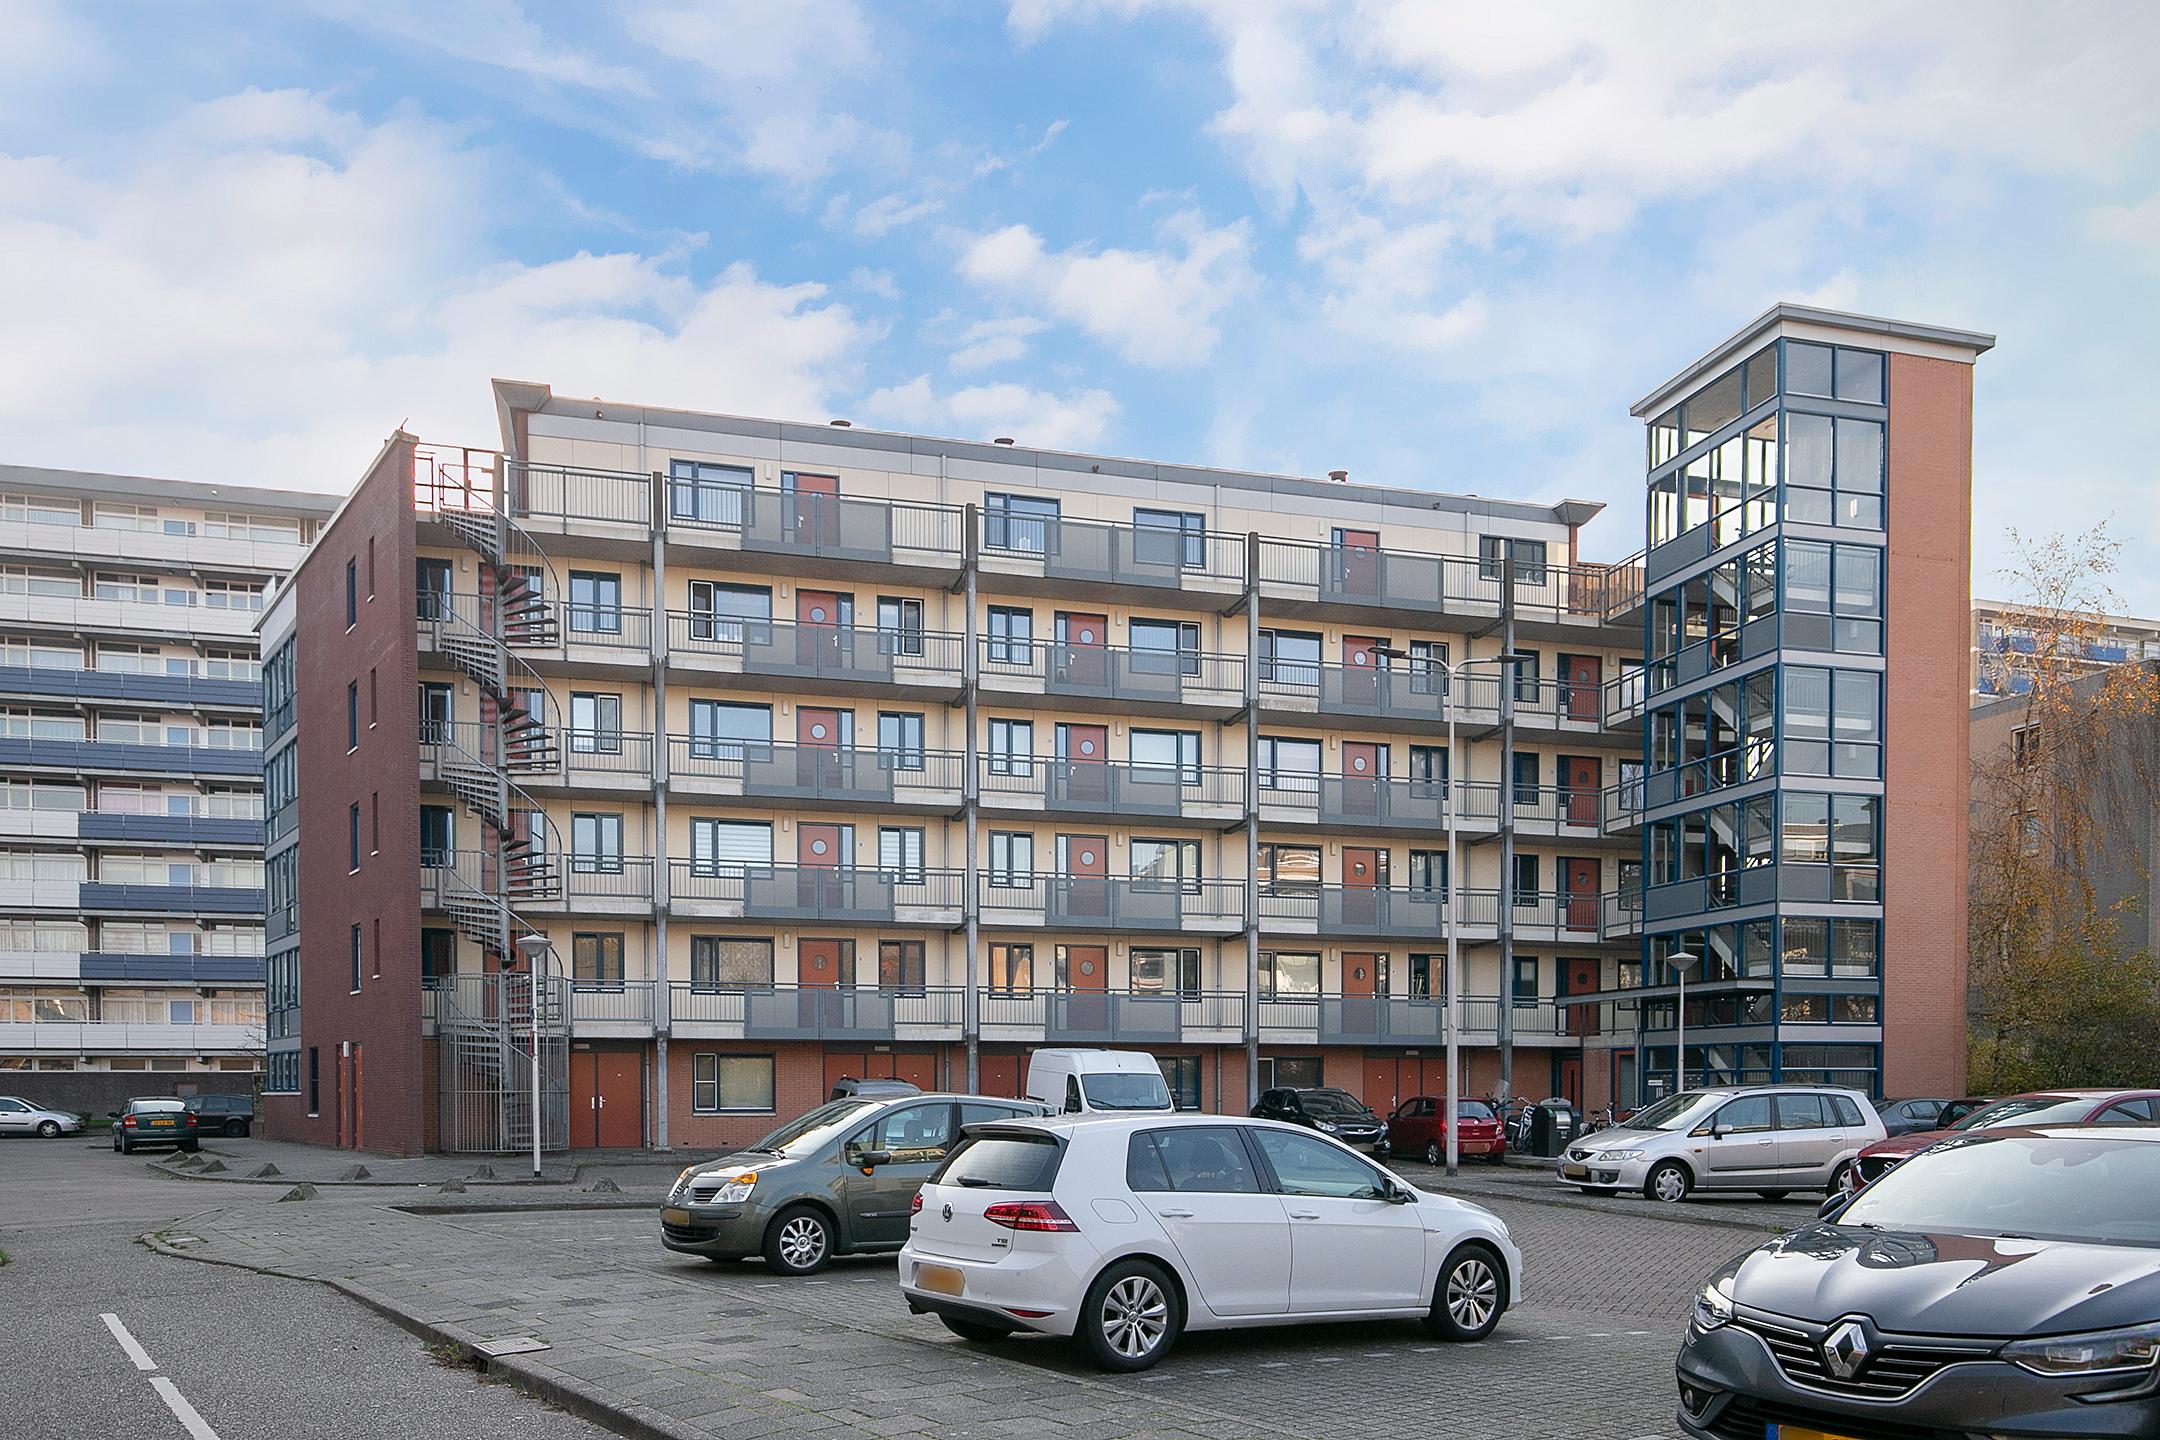 Modern 3-kamer appartement in Alphen aan den Rijn bereikbaar met lift, een woonkamer, open keuken, 2 slaapkamers, een badkamer, separate toilet en balkon op het zuiden